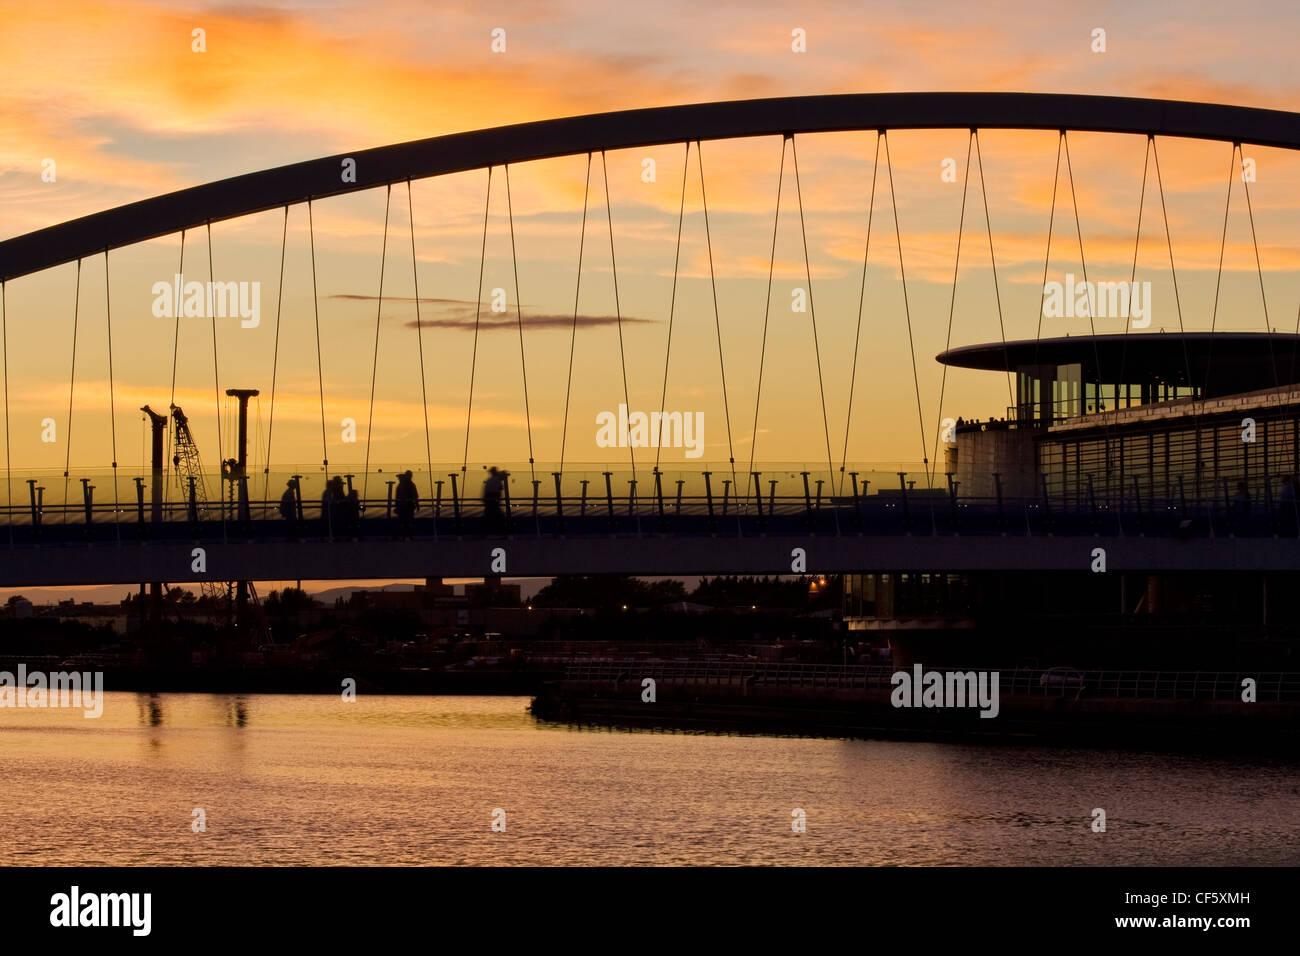 Profilo di Salford Quays Millennium Bridge al tramonto. Immagini Stock